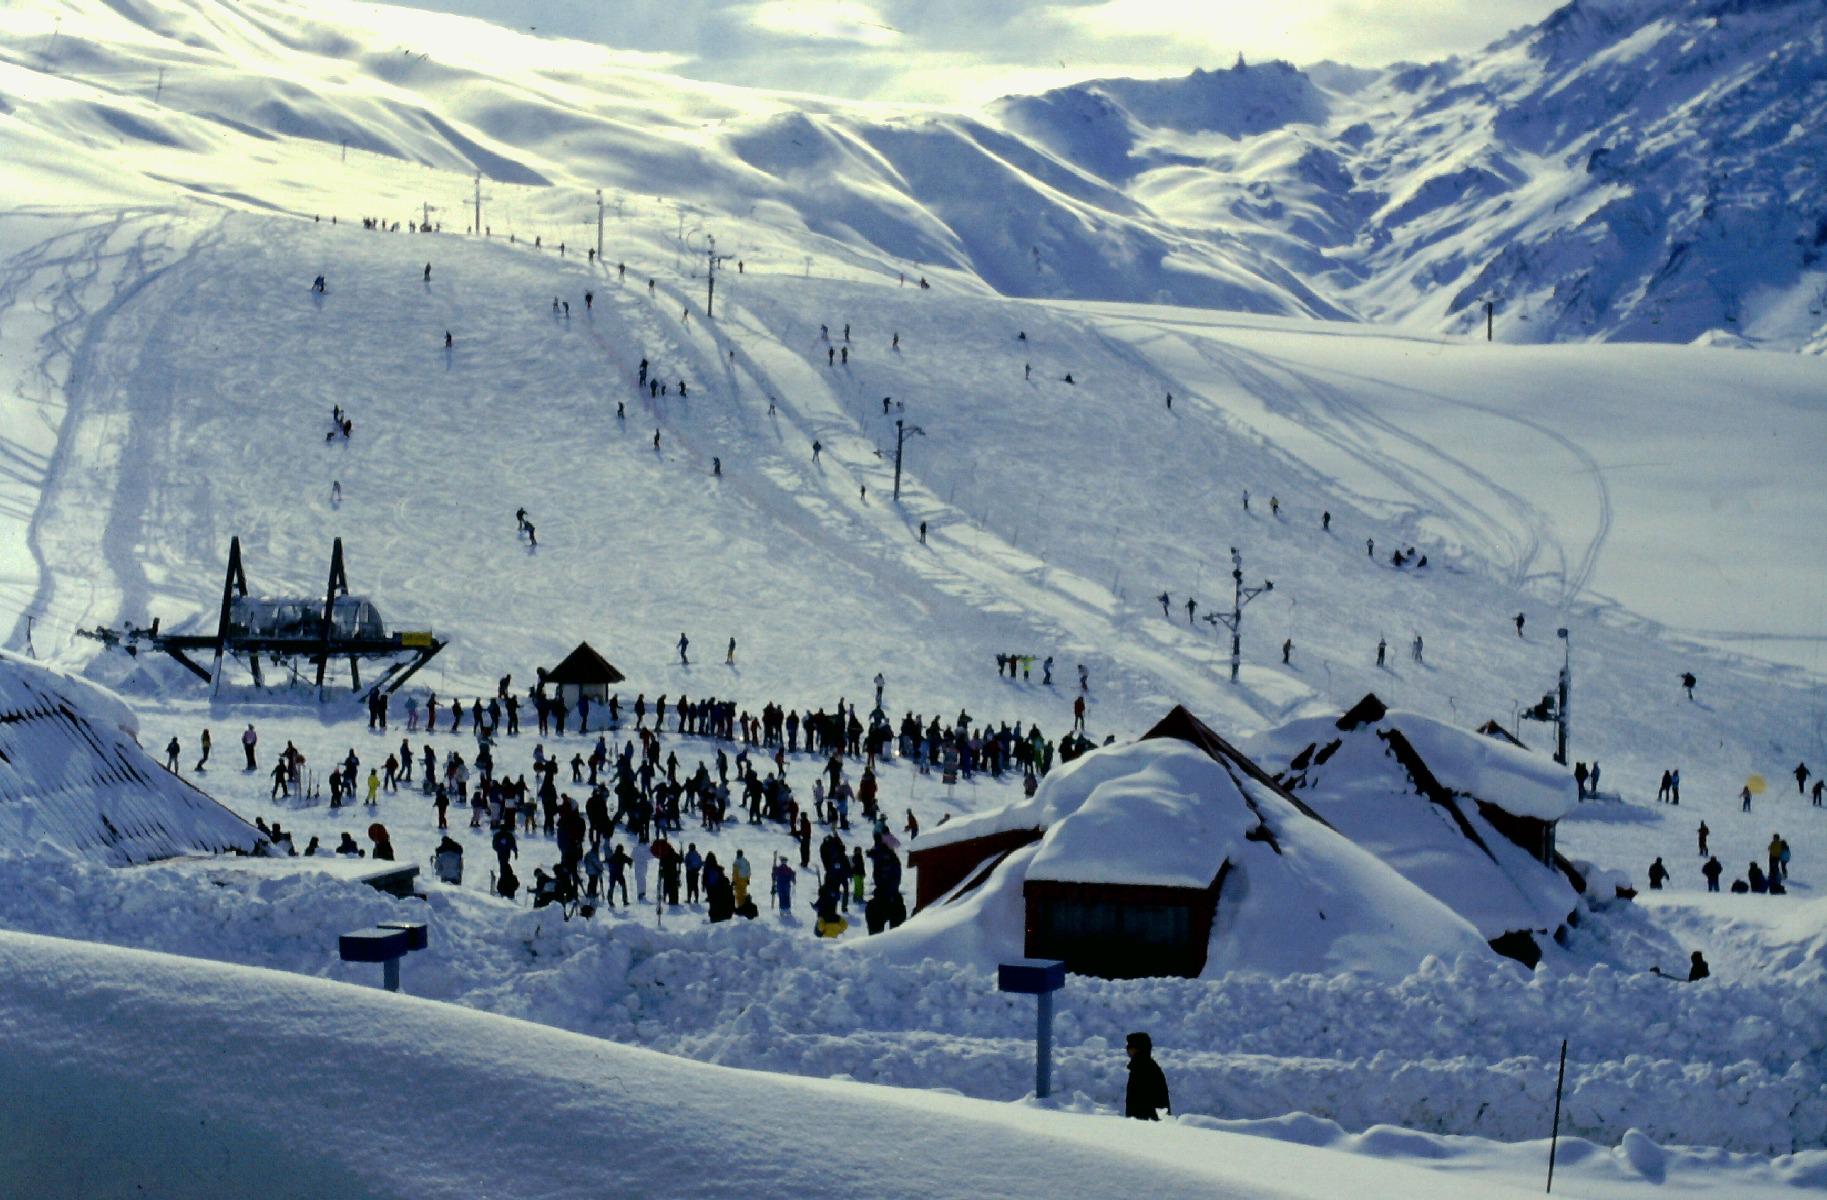 Letní lyžařské středisko Las Lenas, Argentina